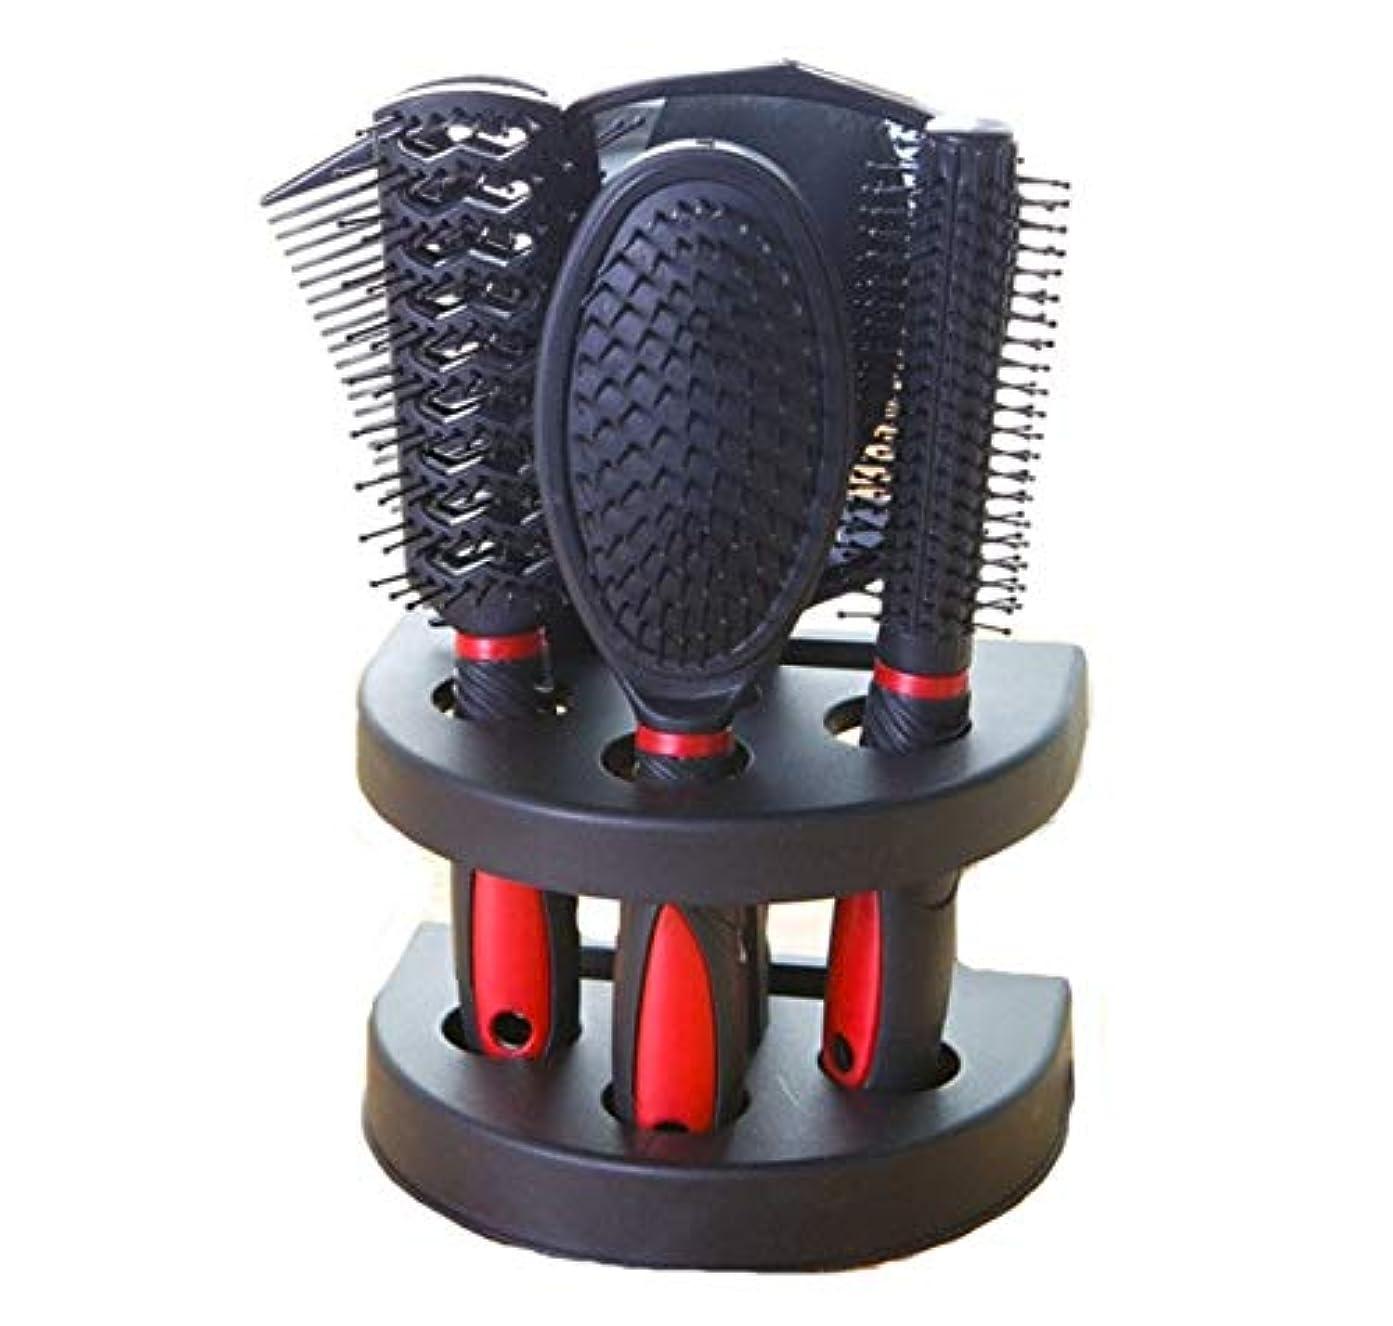 ナビゲーションピースロケーションヘアコーム、赤いマッサージコーム、ミラー付き環境に優しいコーム、帯電防止エアバッグコーム、ロングヘアコーム、ヘアコーム、理髪エアバッグコーム5ピースセット、理髪コームギフト